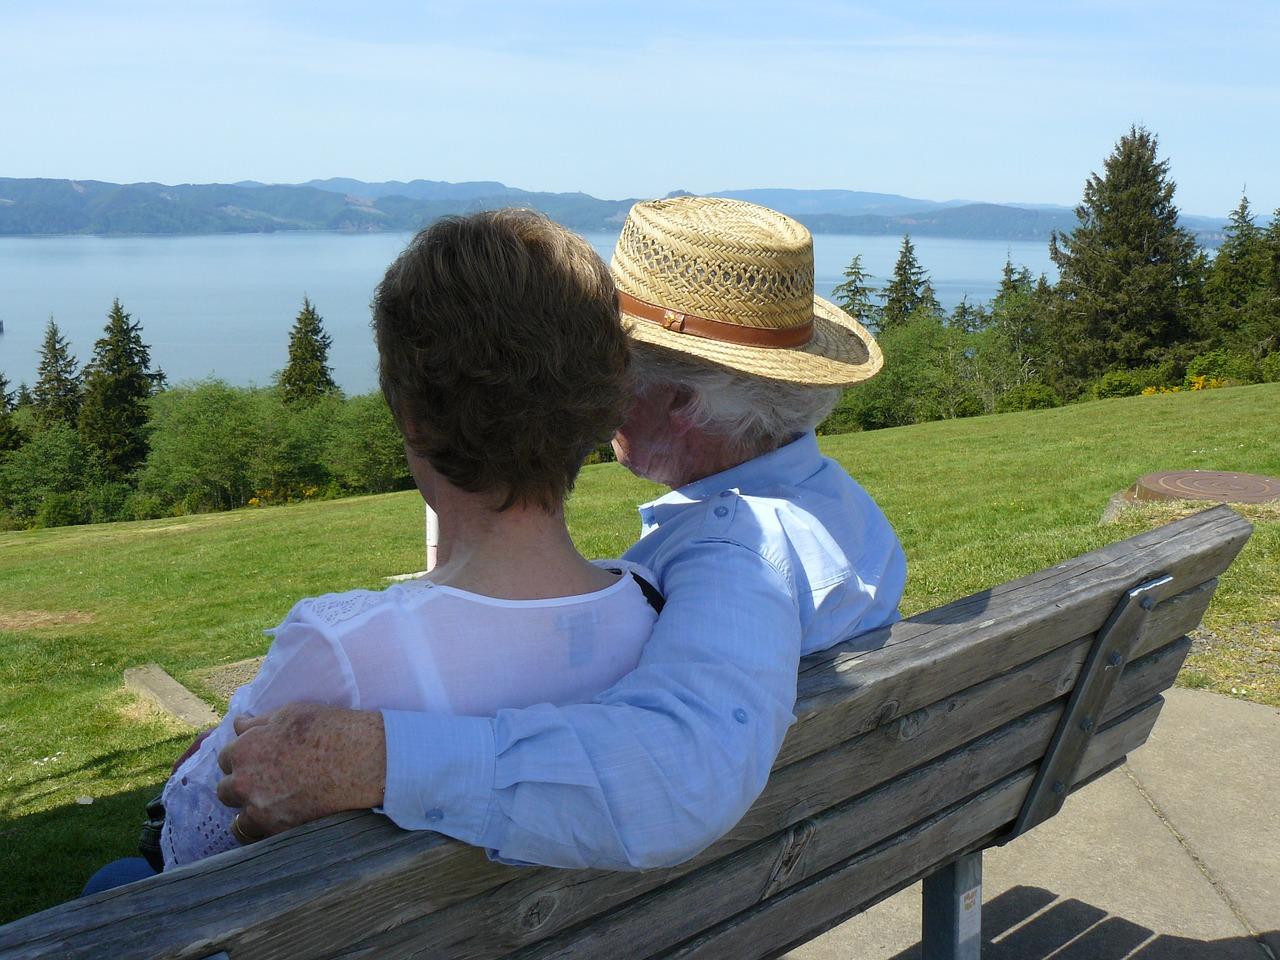 I-Benefici-dell-Attivita-Sessuale-negli-Anziani-Avanzati I benefici dell'attività sessuale negli anziani